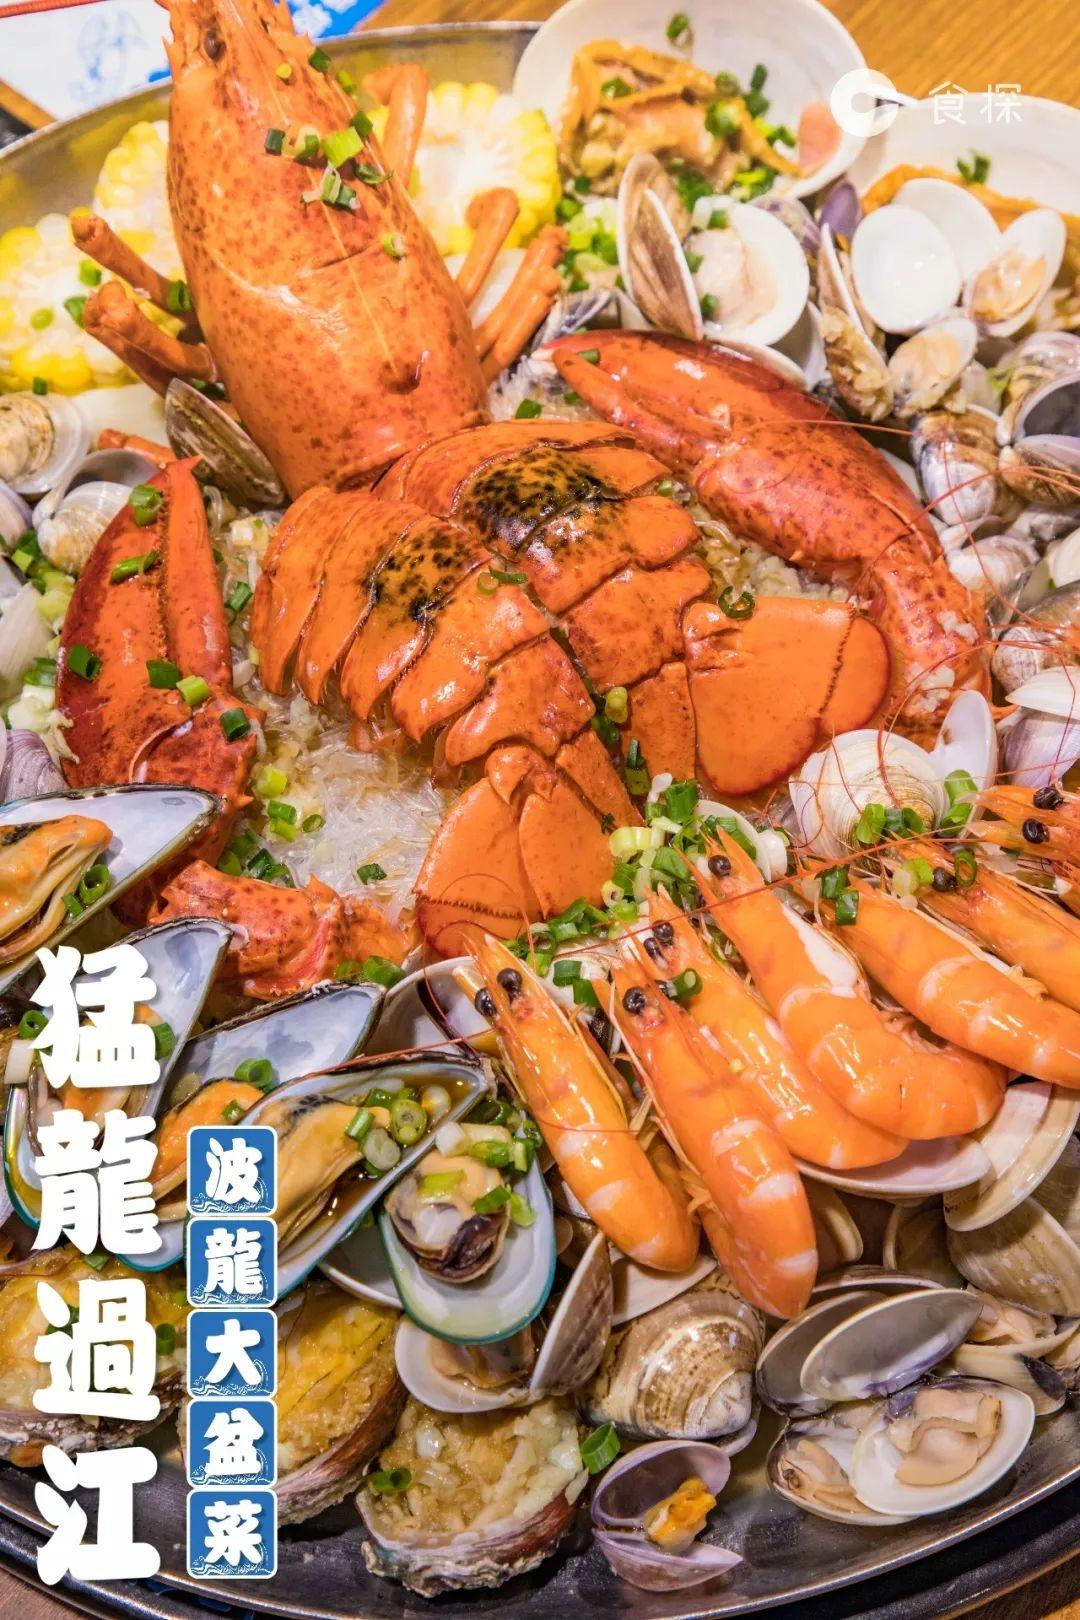 湛江海鲜特产图片大全